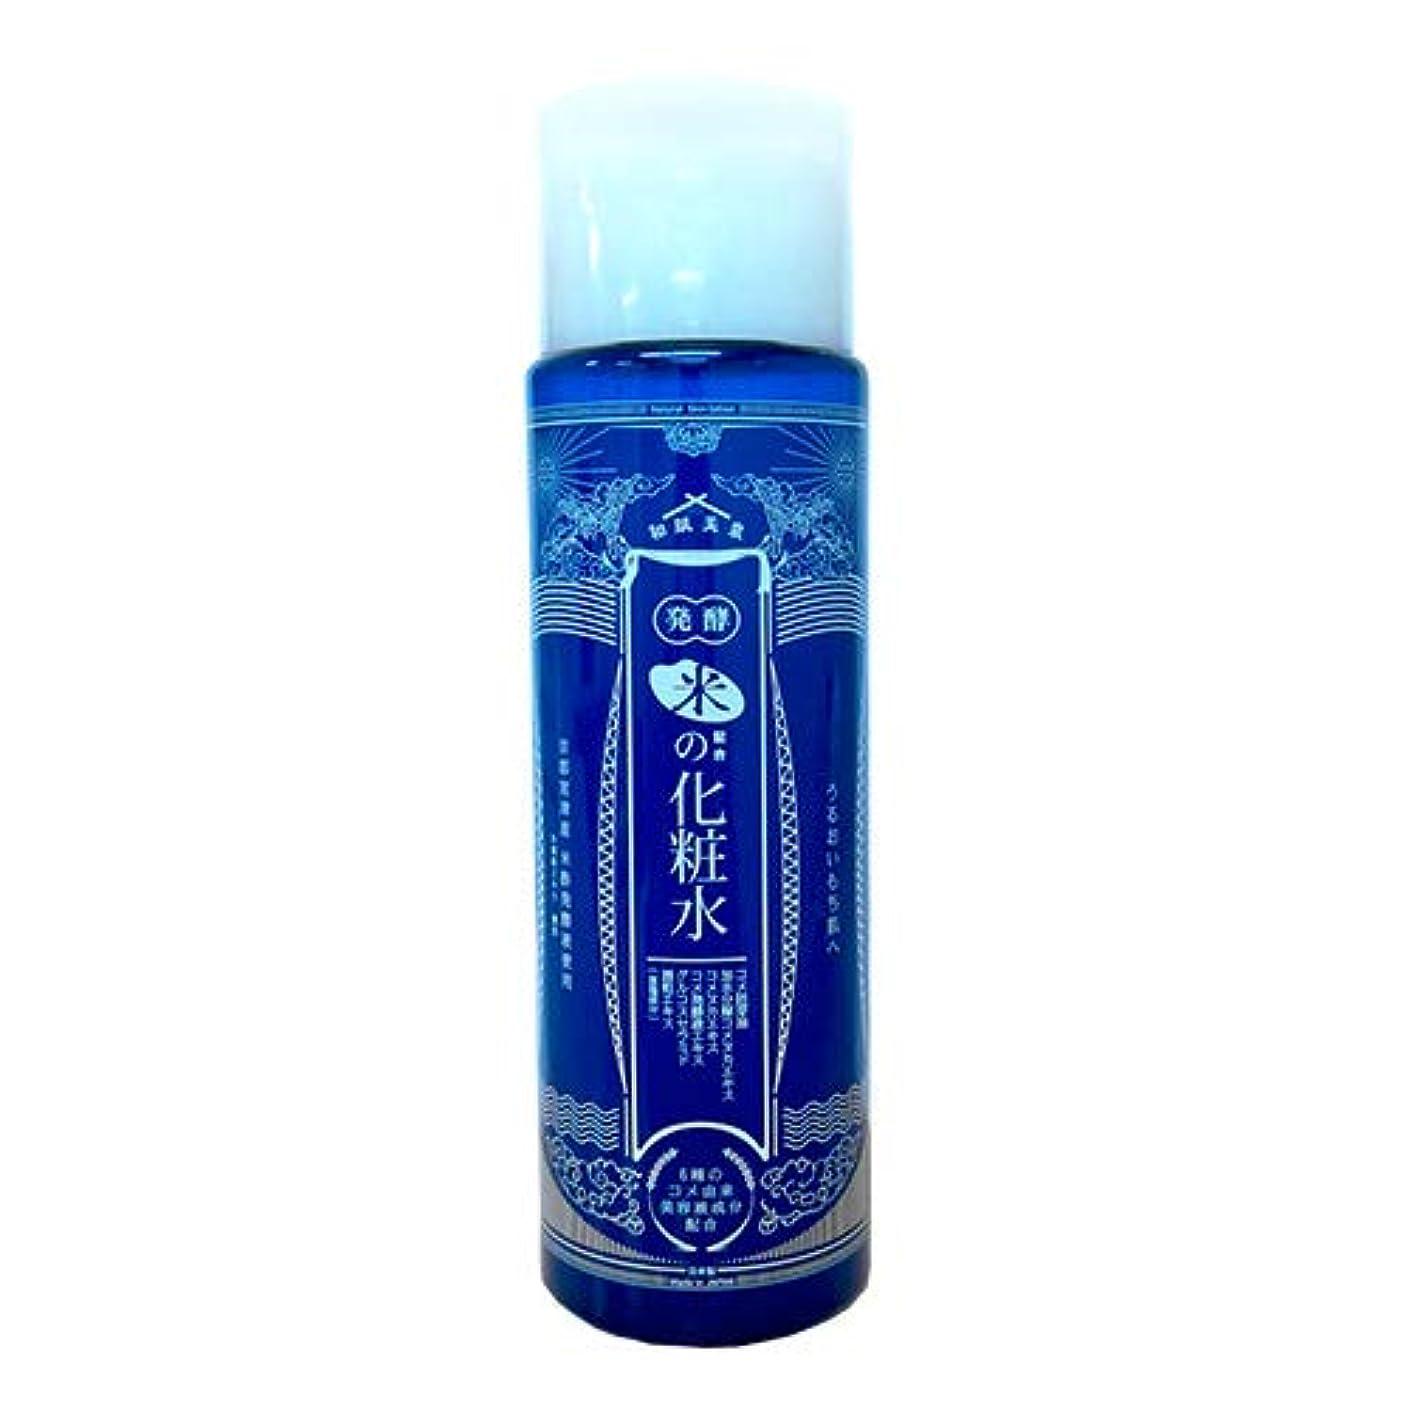 刈るうん臨検和肌美泉 発酵•米配合の化粧水 180ml